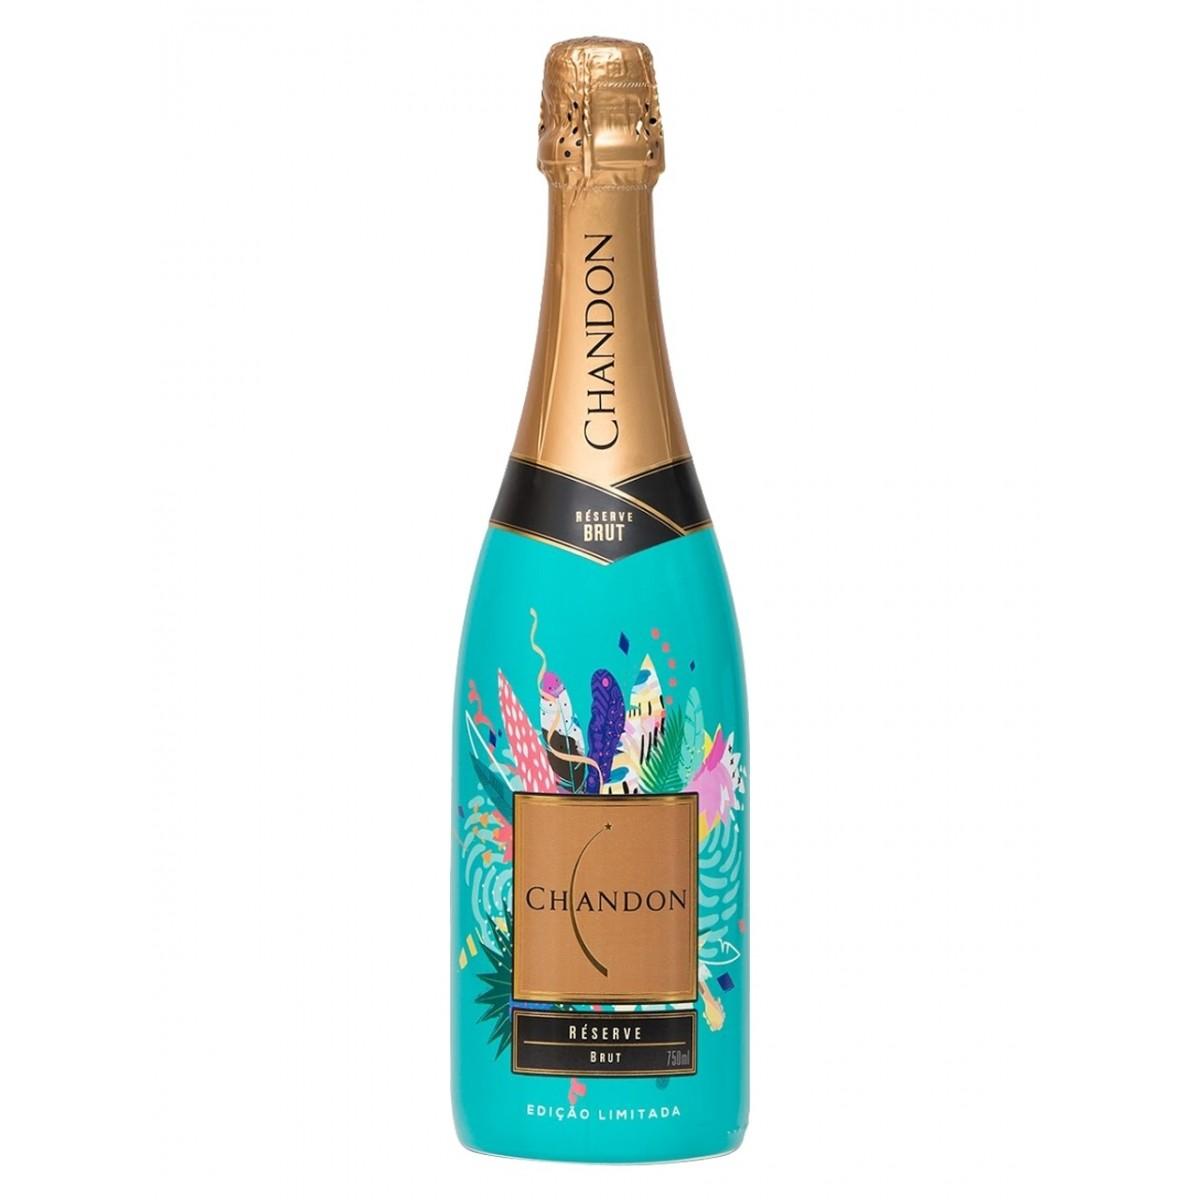 Vinho Espumante Branco Chandon Réserve Brut - Edição Limitada Verão - 750ml -